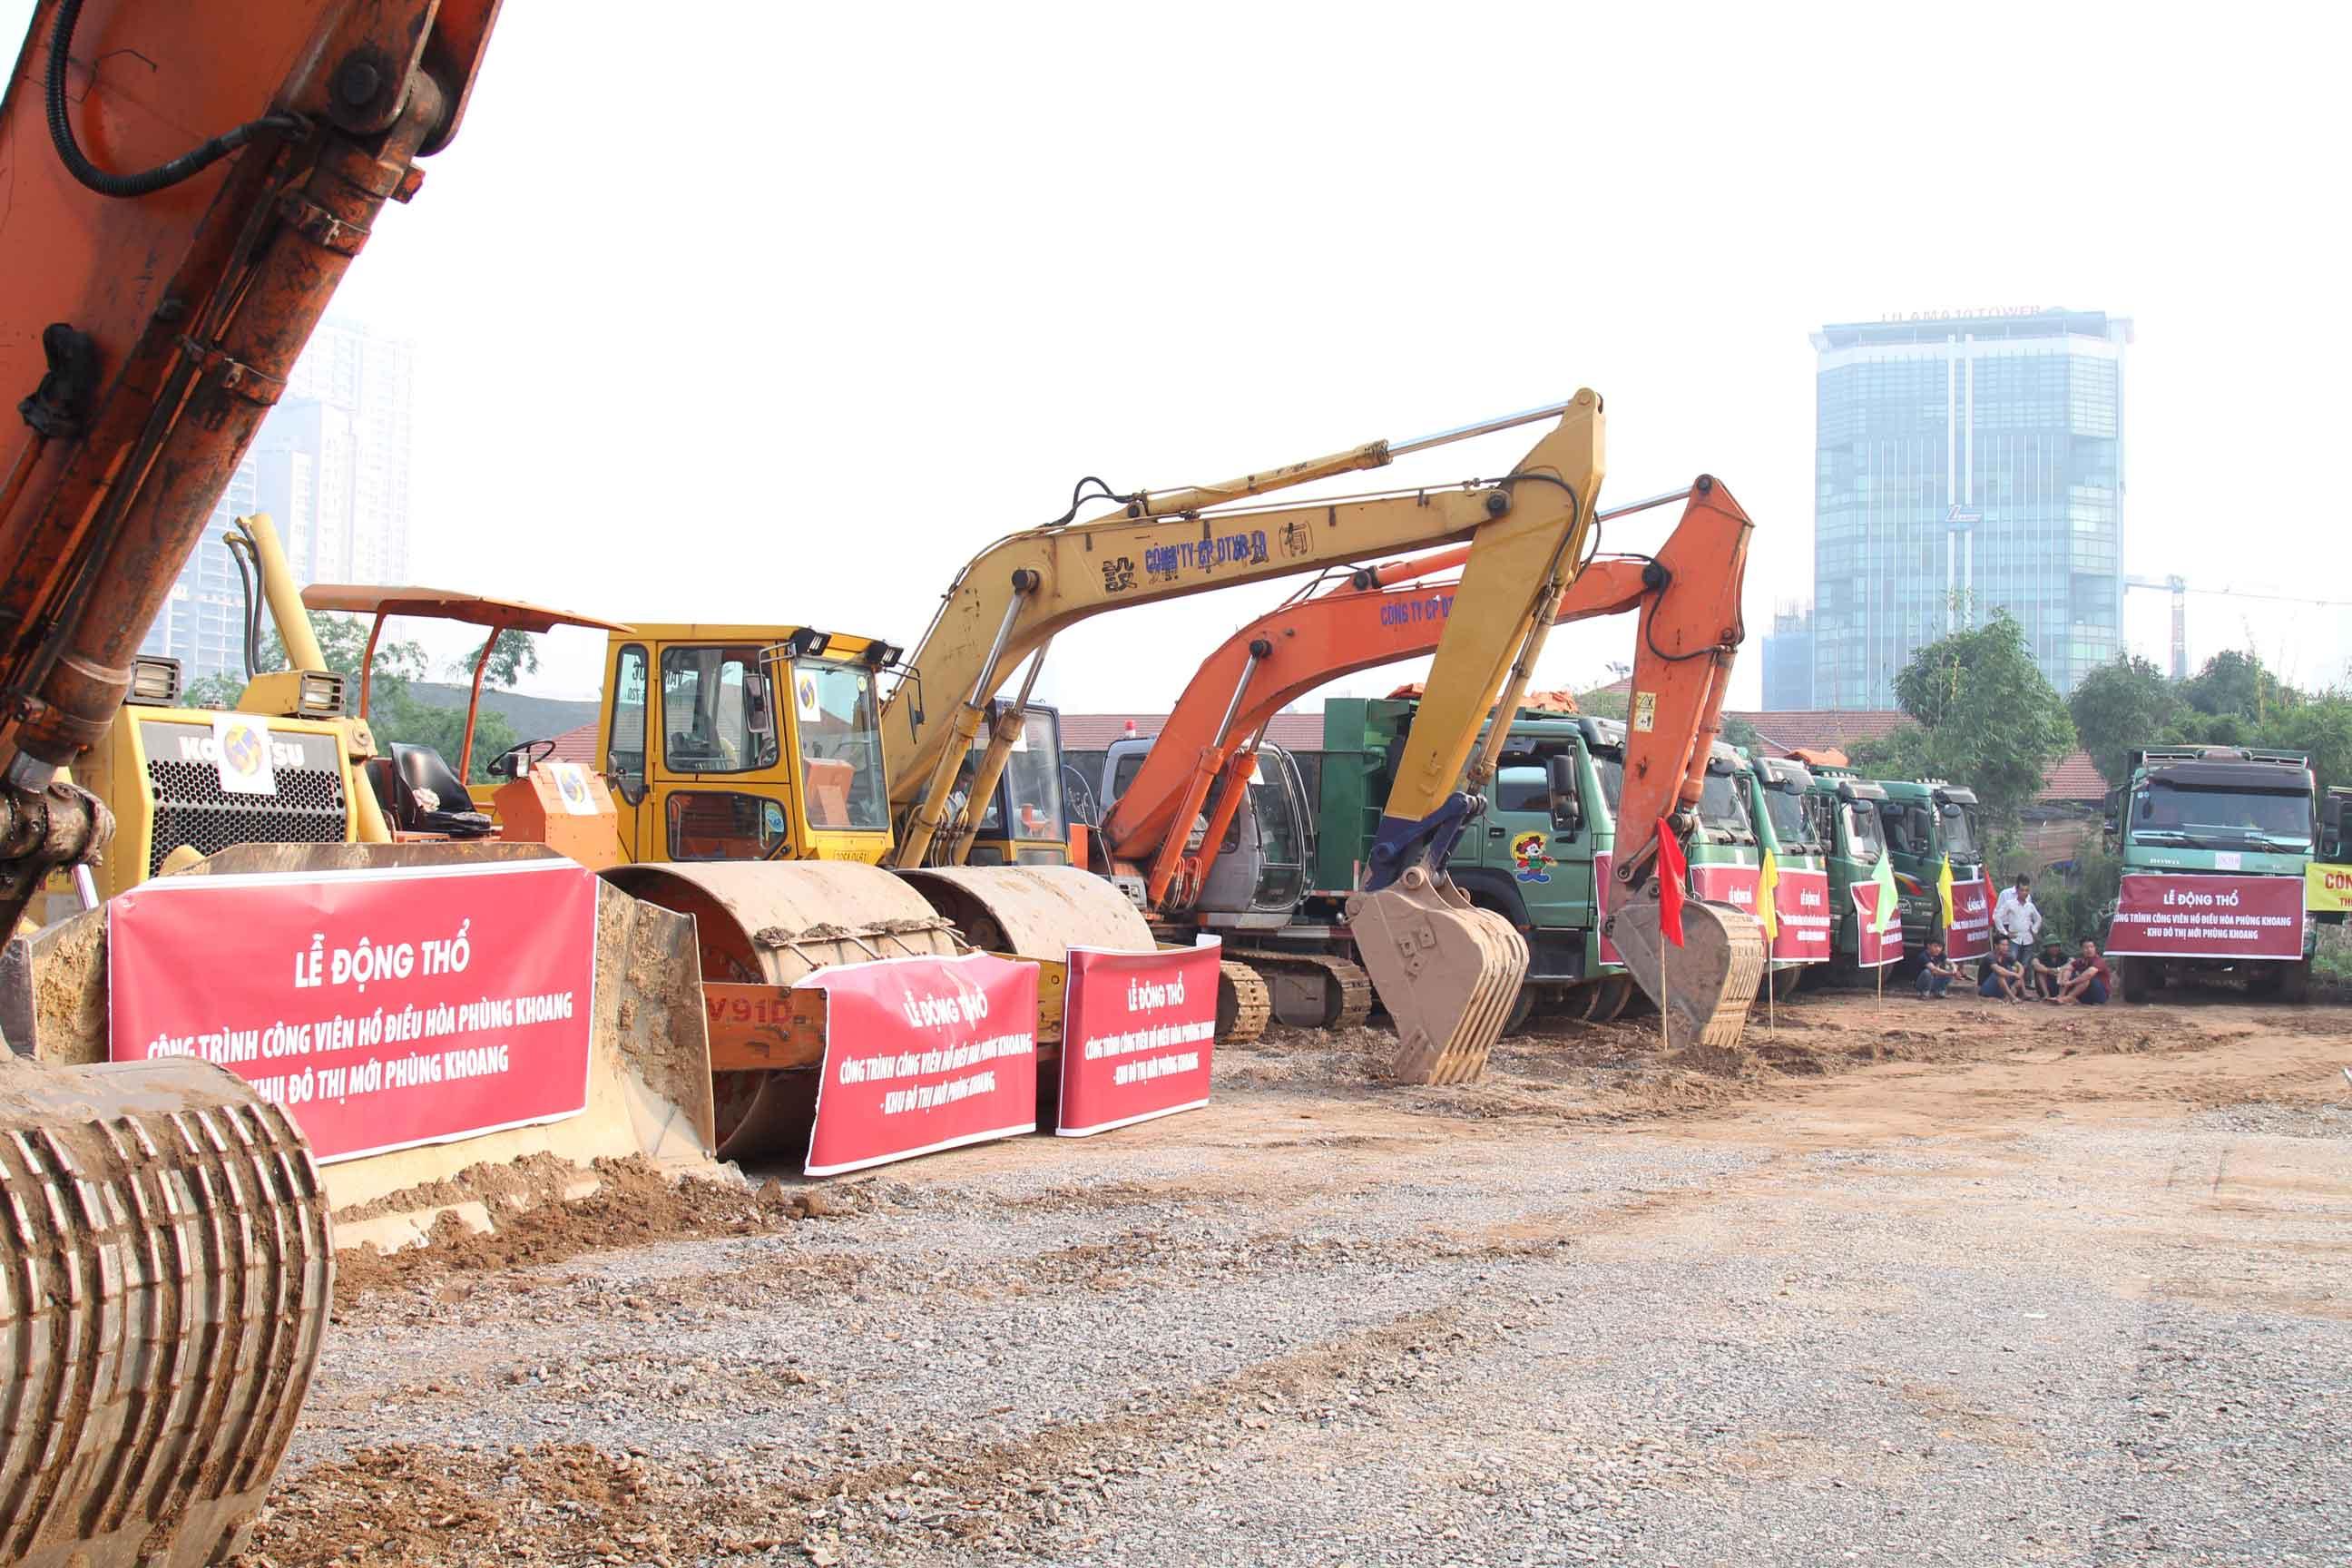 Lễ khởi công công viên Phùng Khoang - An Bình City